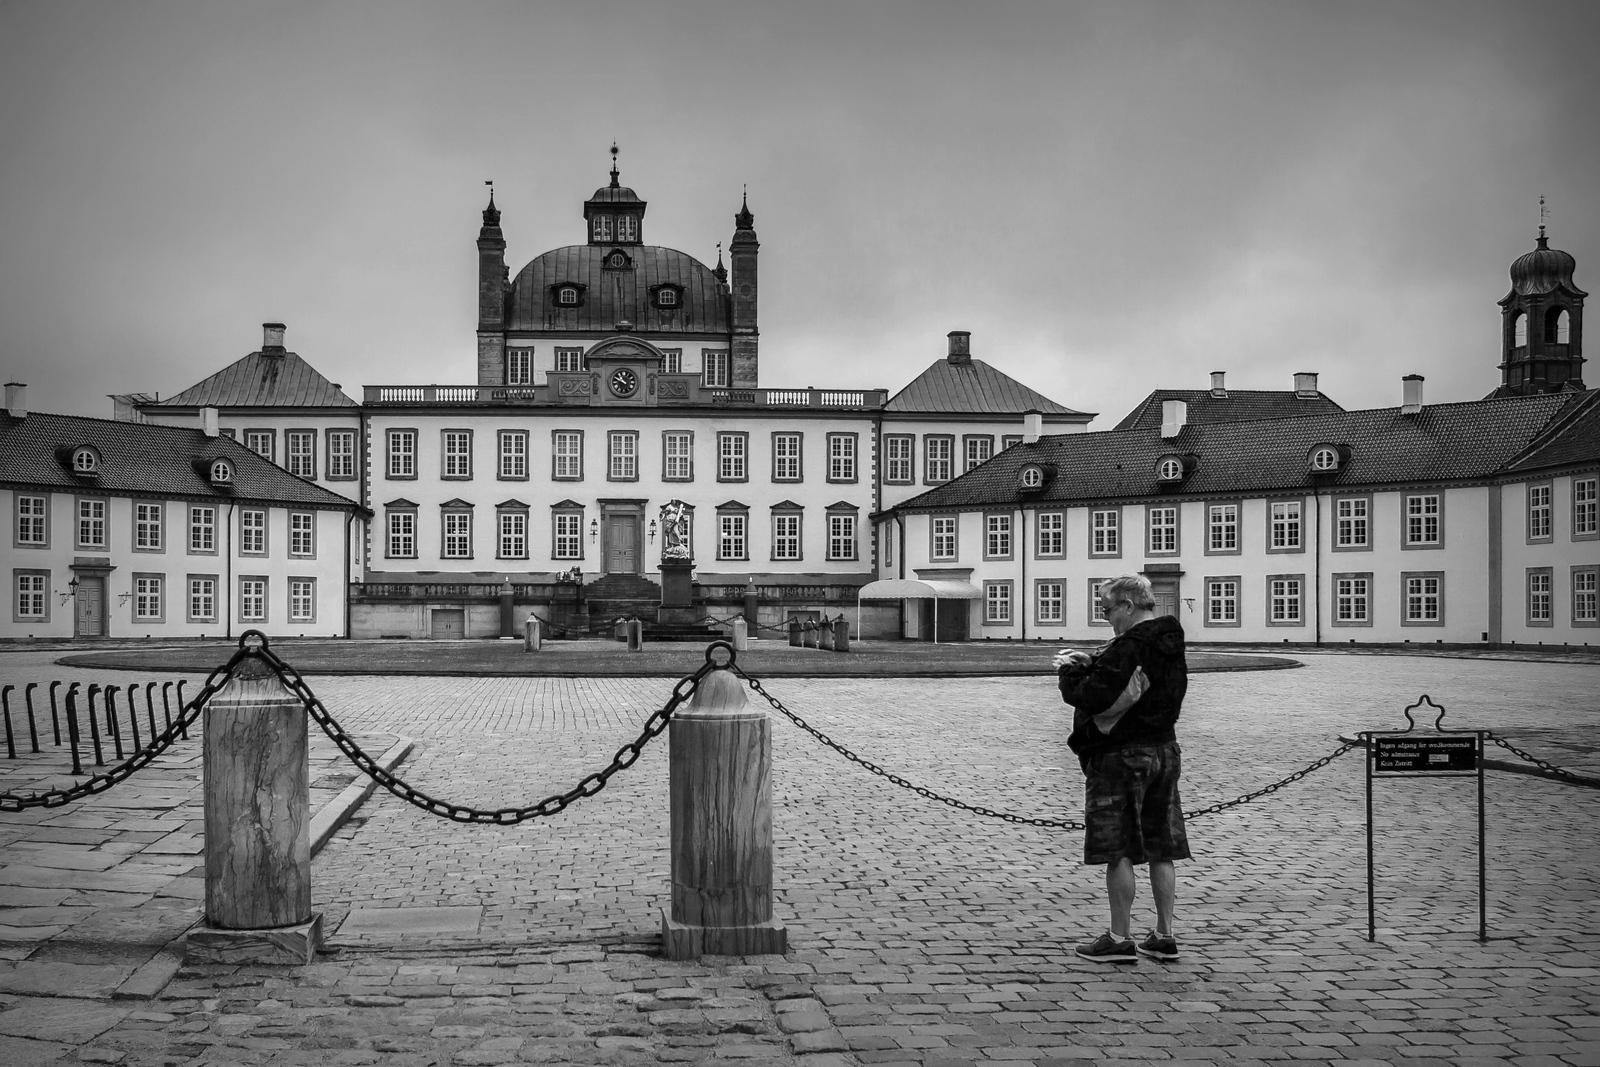 丹麦哥本哈根,古建筑看不完